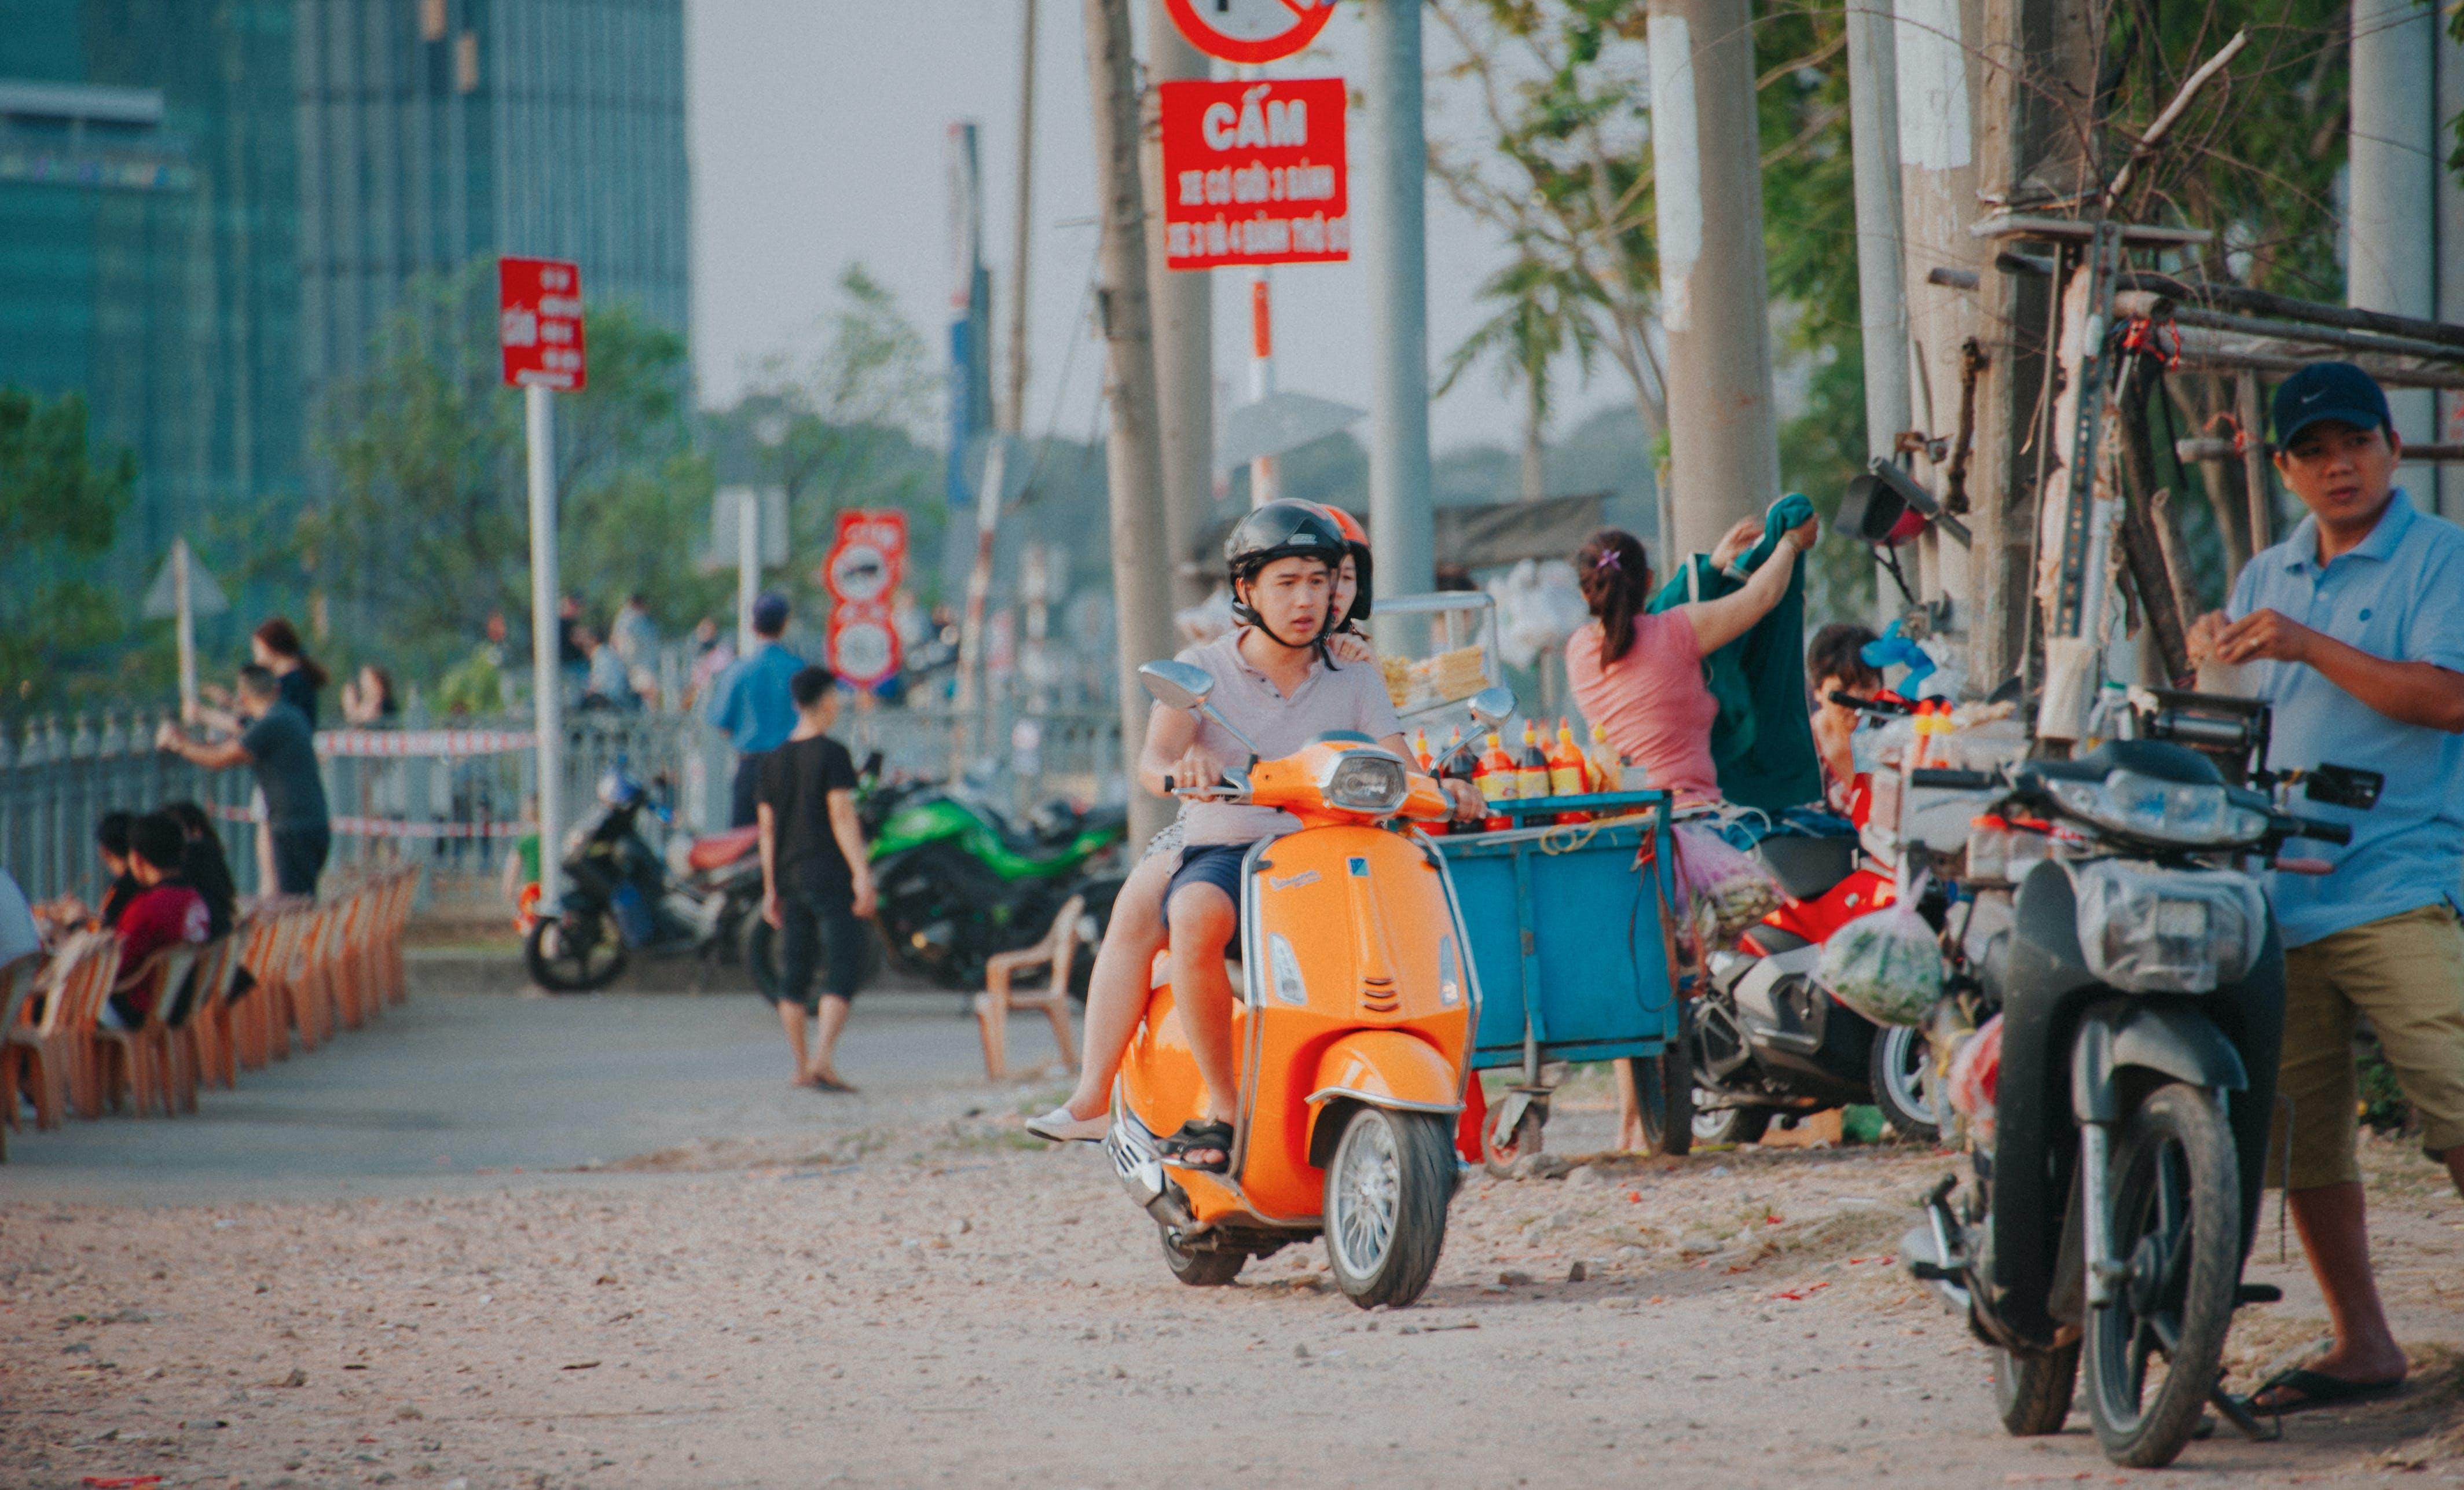 Man Wearing Grey Shirt Riding on Orange Motor Scooter at Daytime